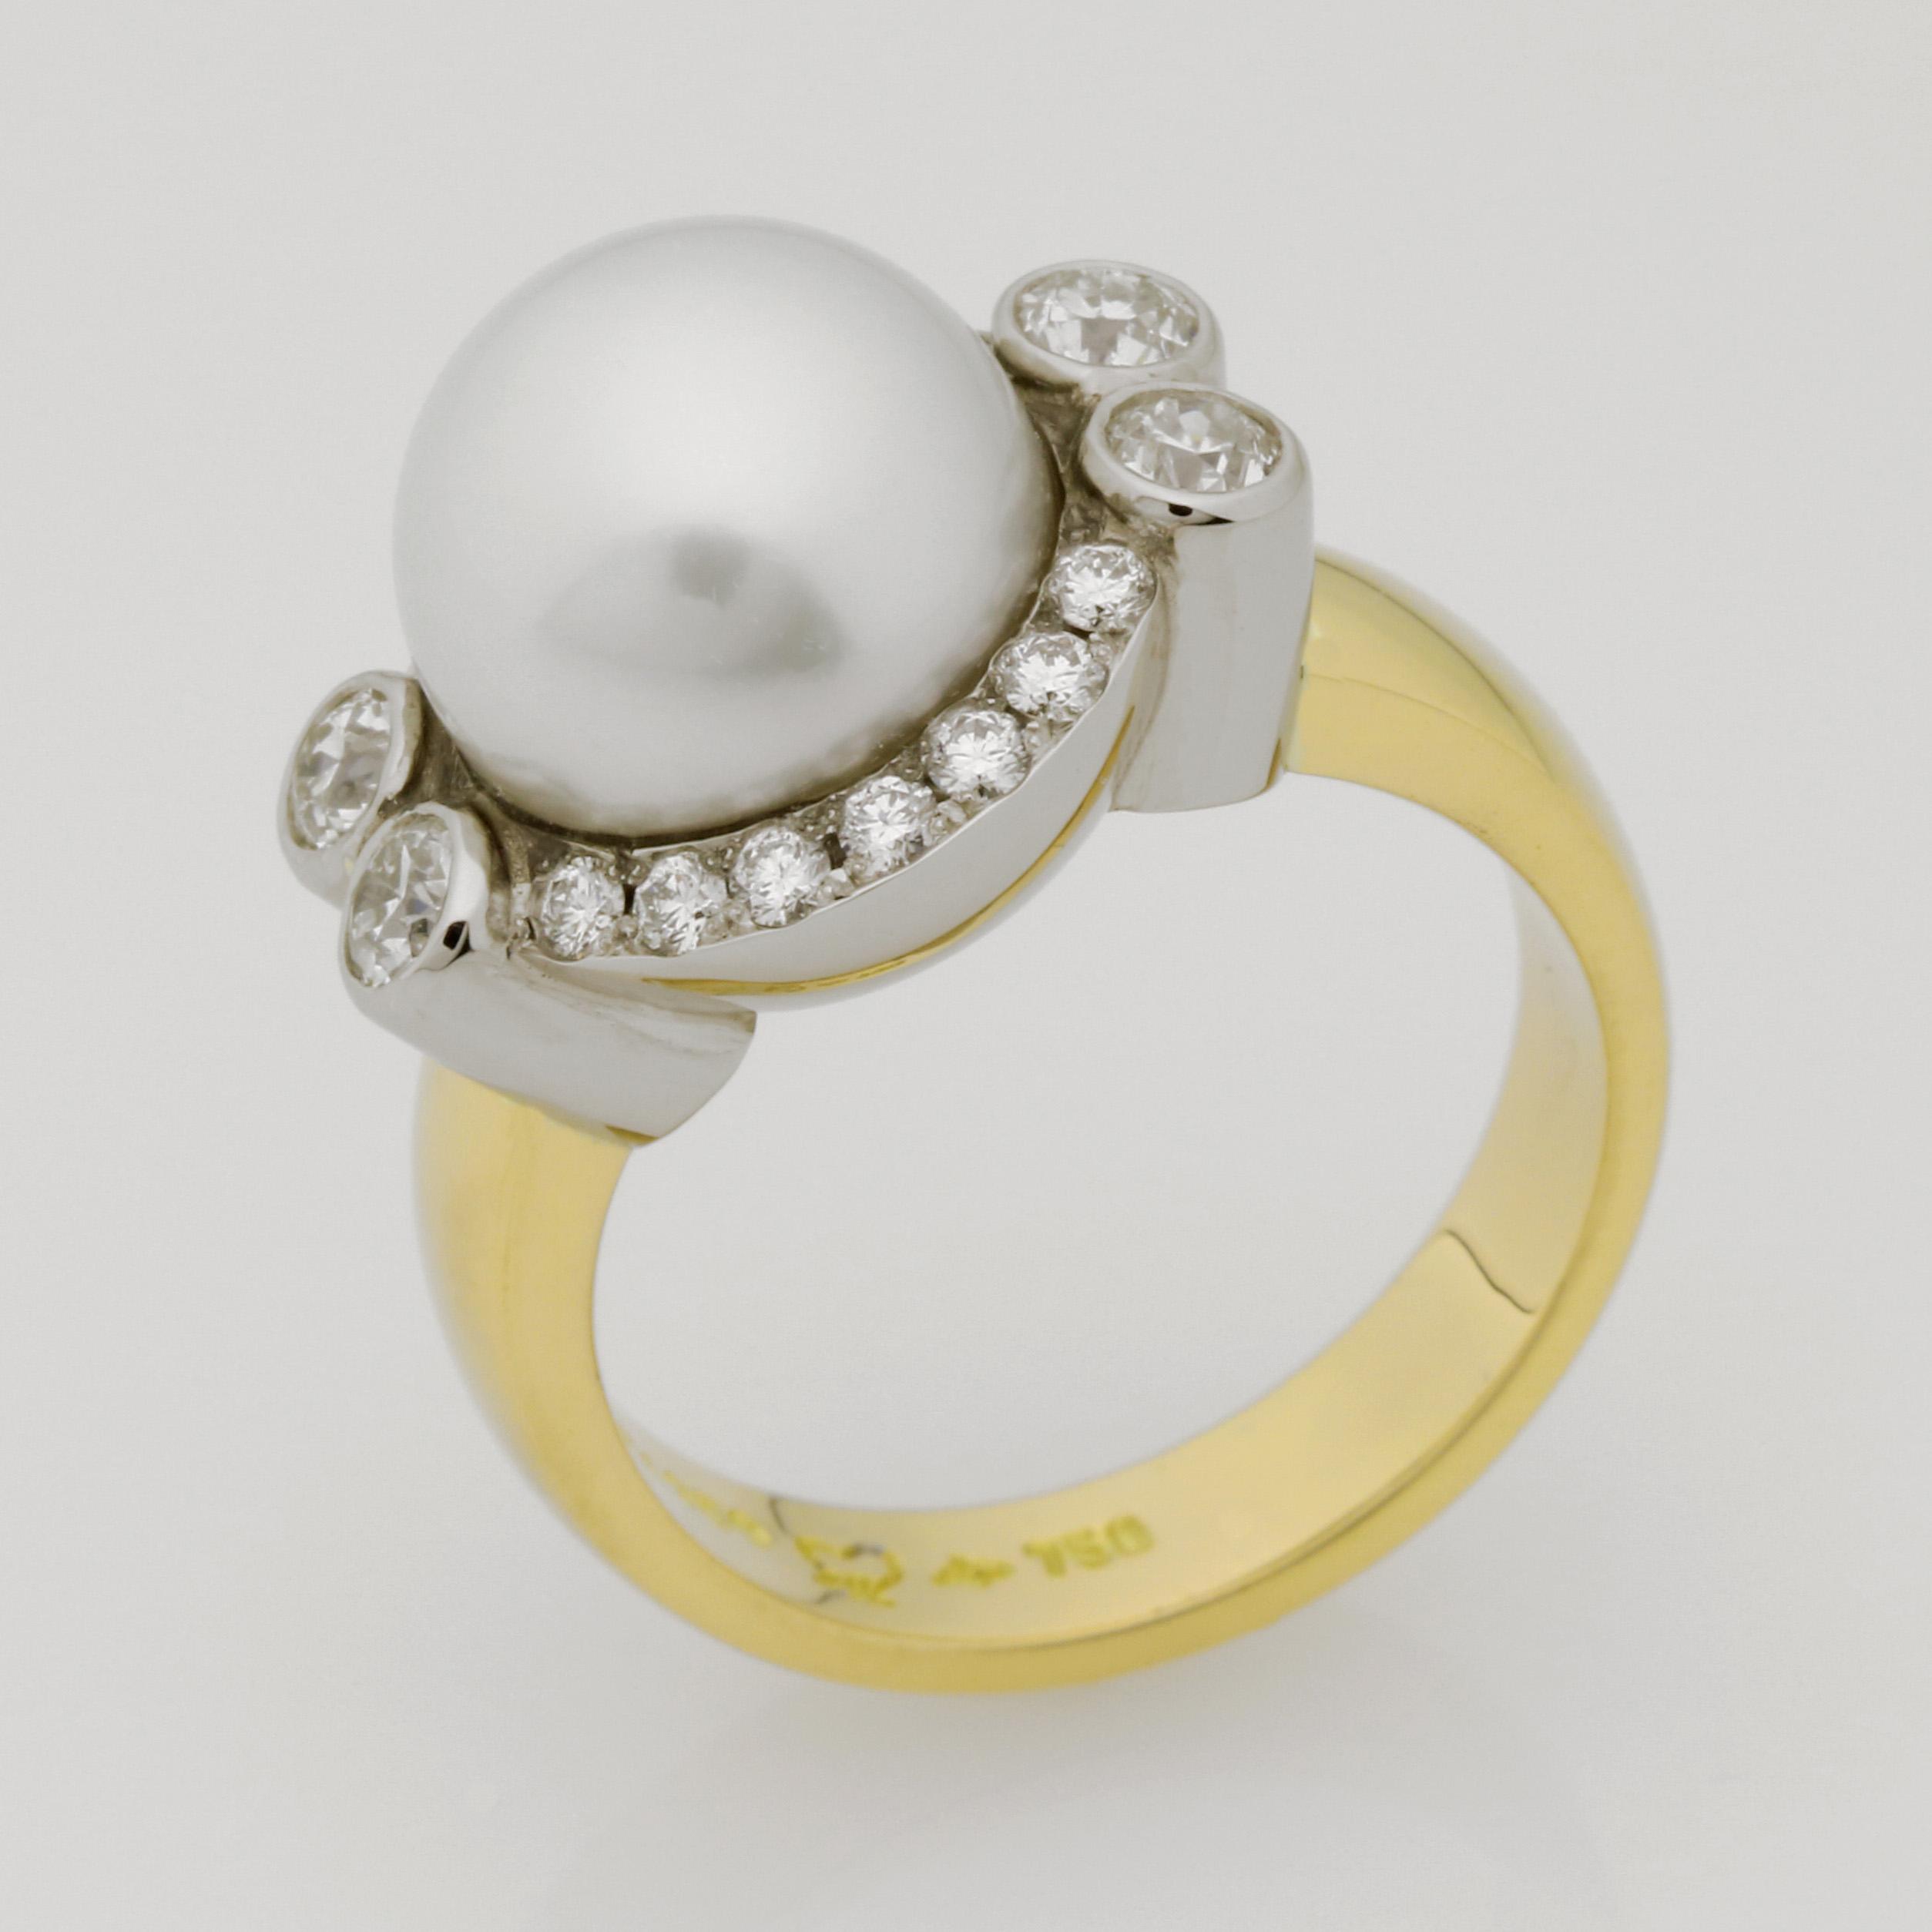 Ladies handmade palladium and 18ct yellow gold pearl and diamond ring